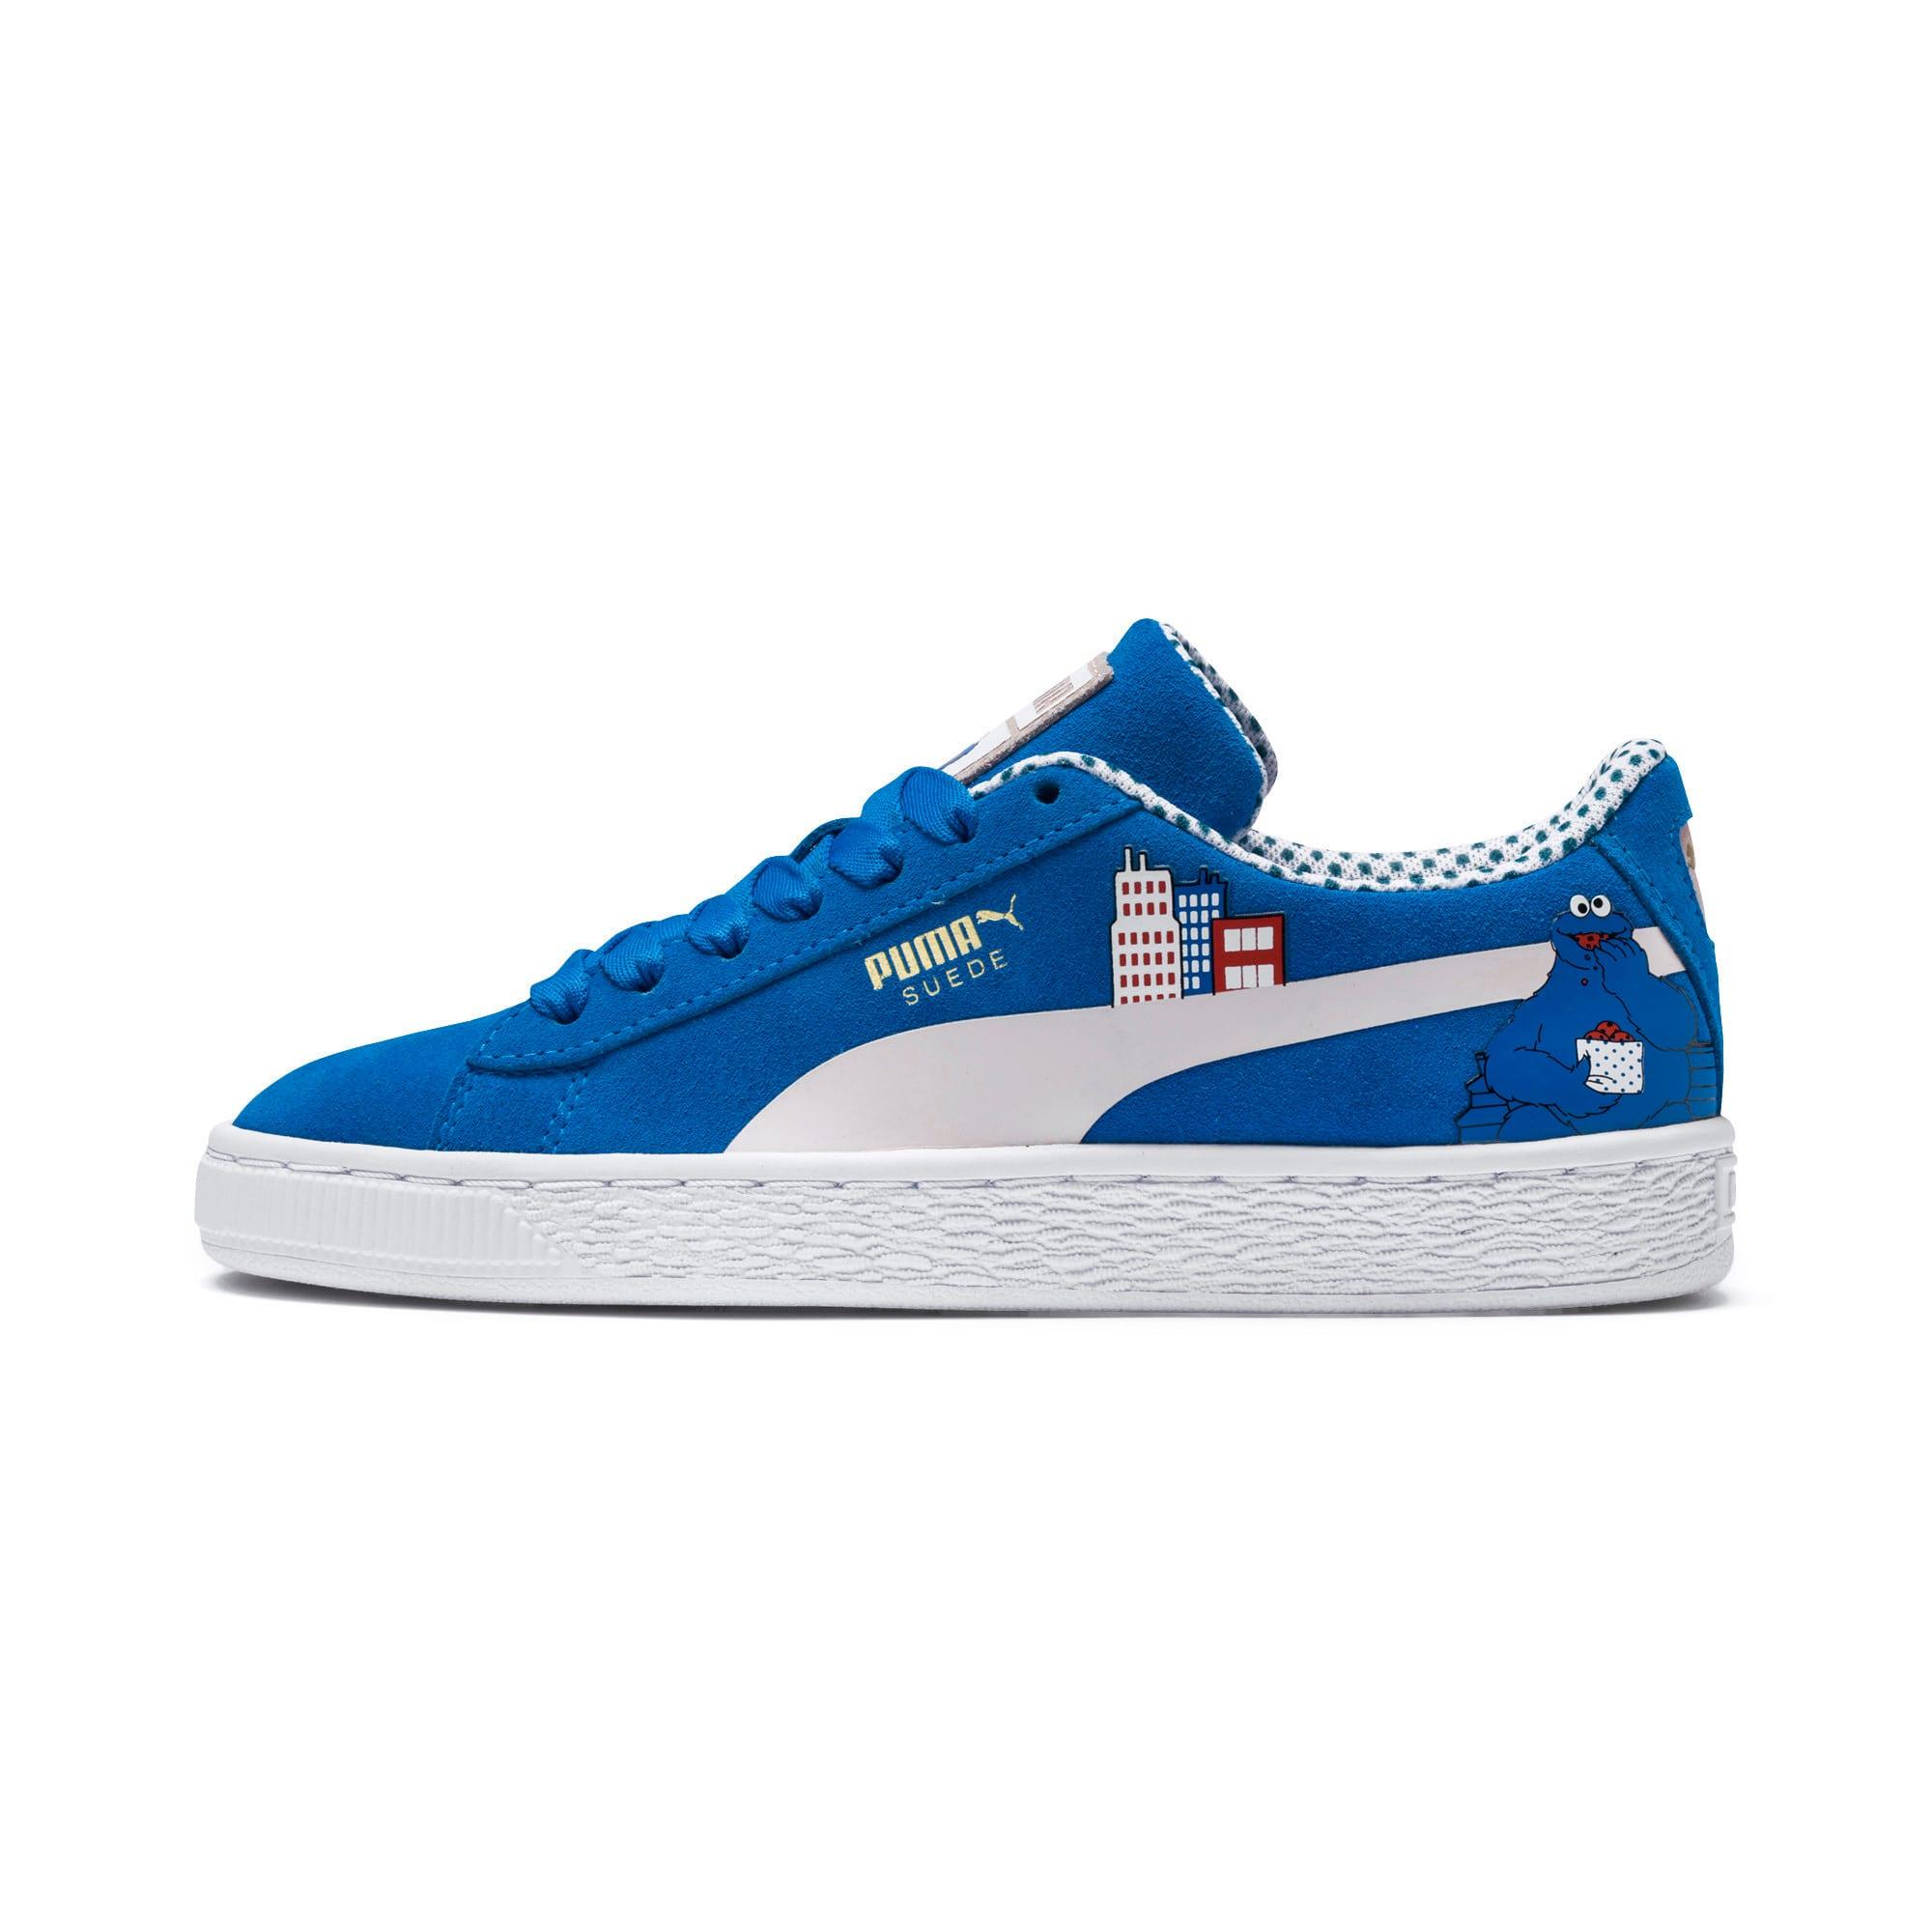 Miniatura 1 de Zapatos deportivosSesame Street 50 Suede para junior, Indigo Bunting-Veiled Rose, mediano